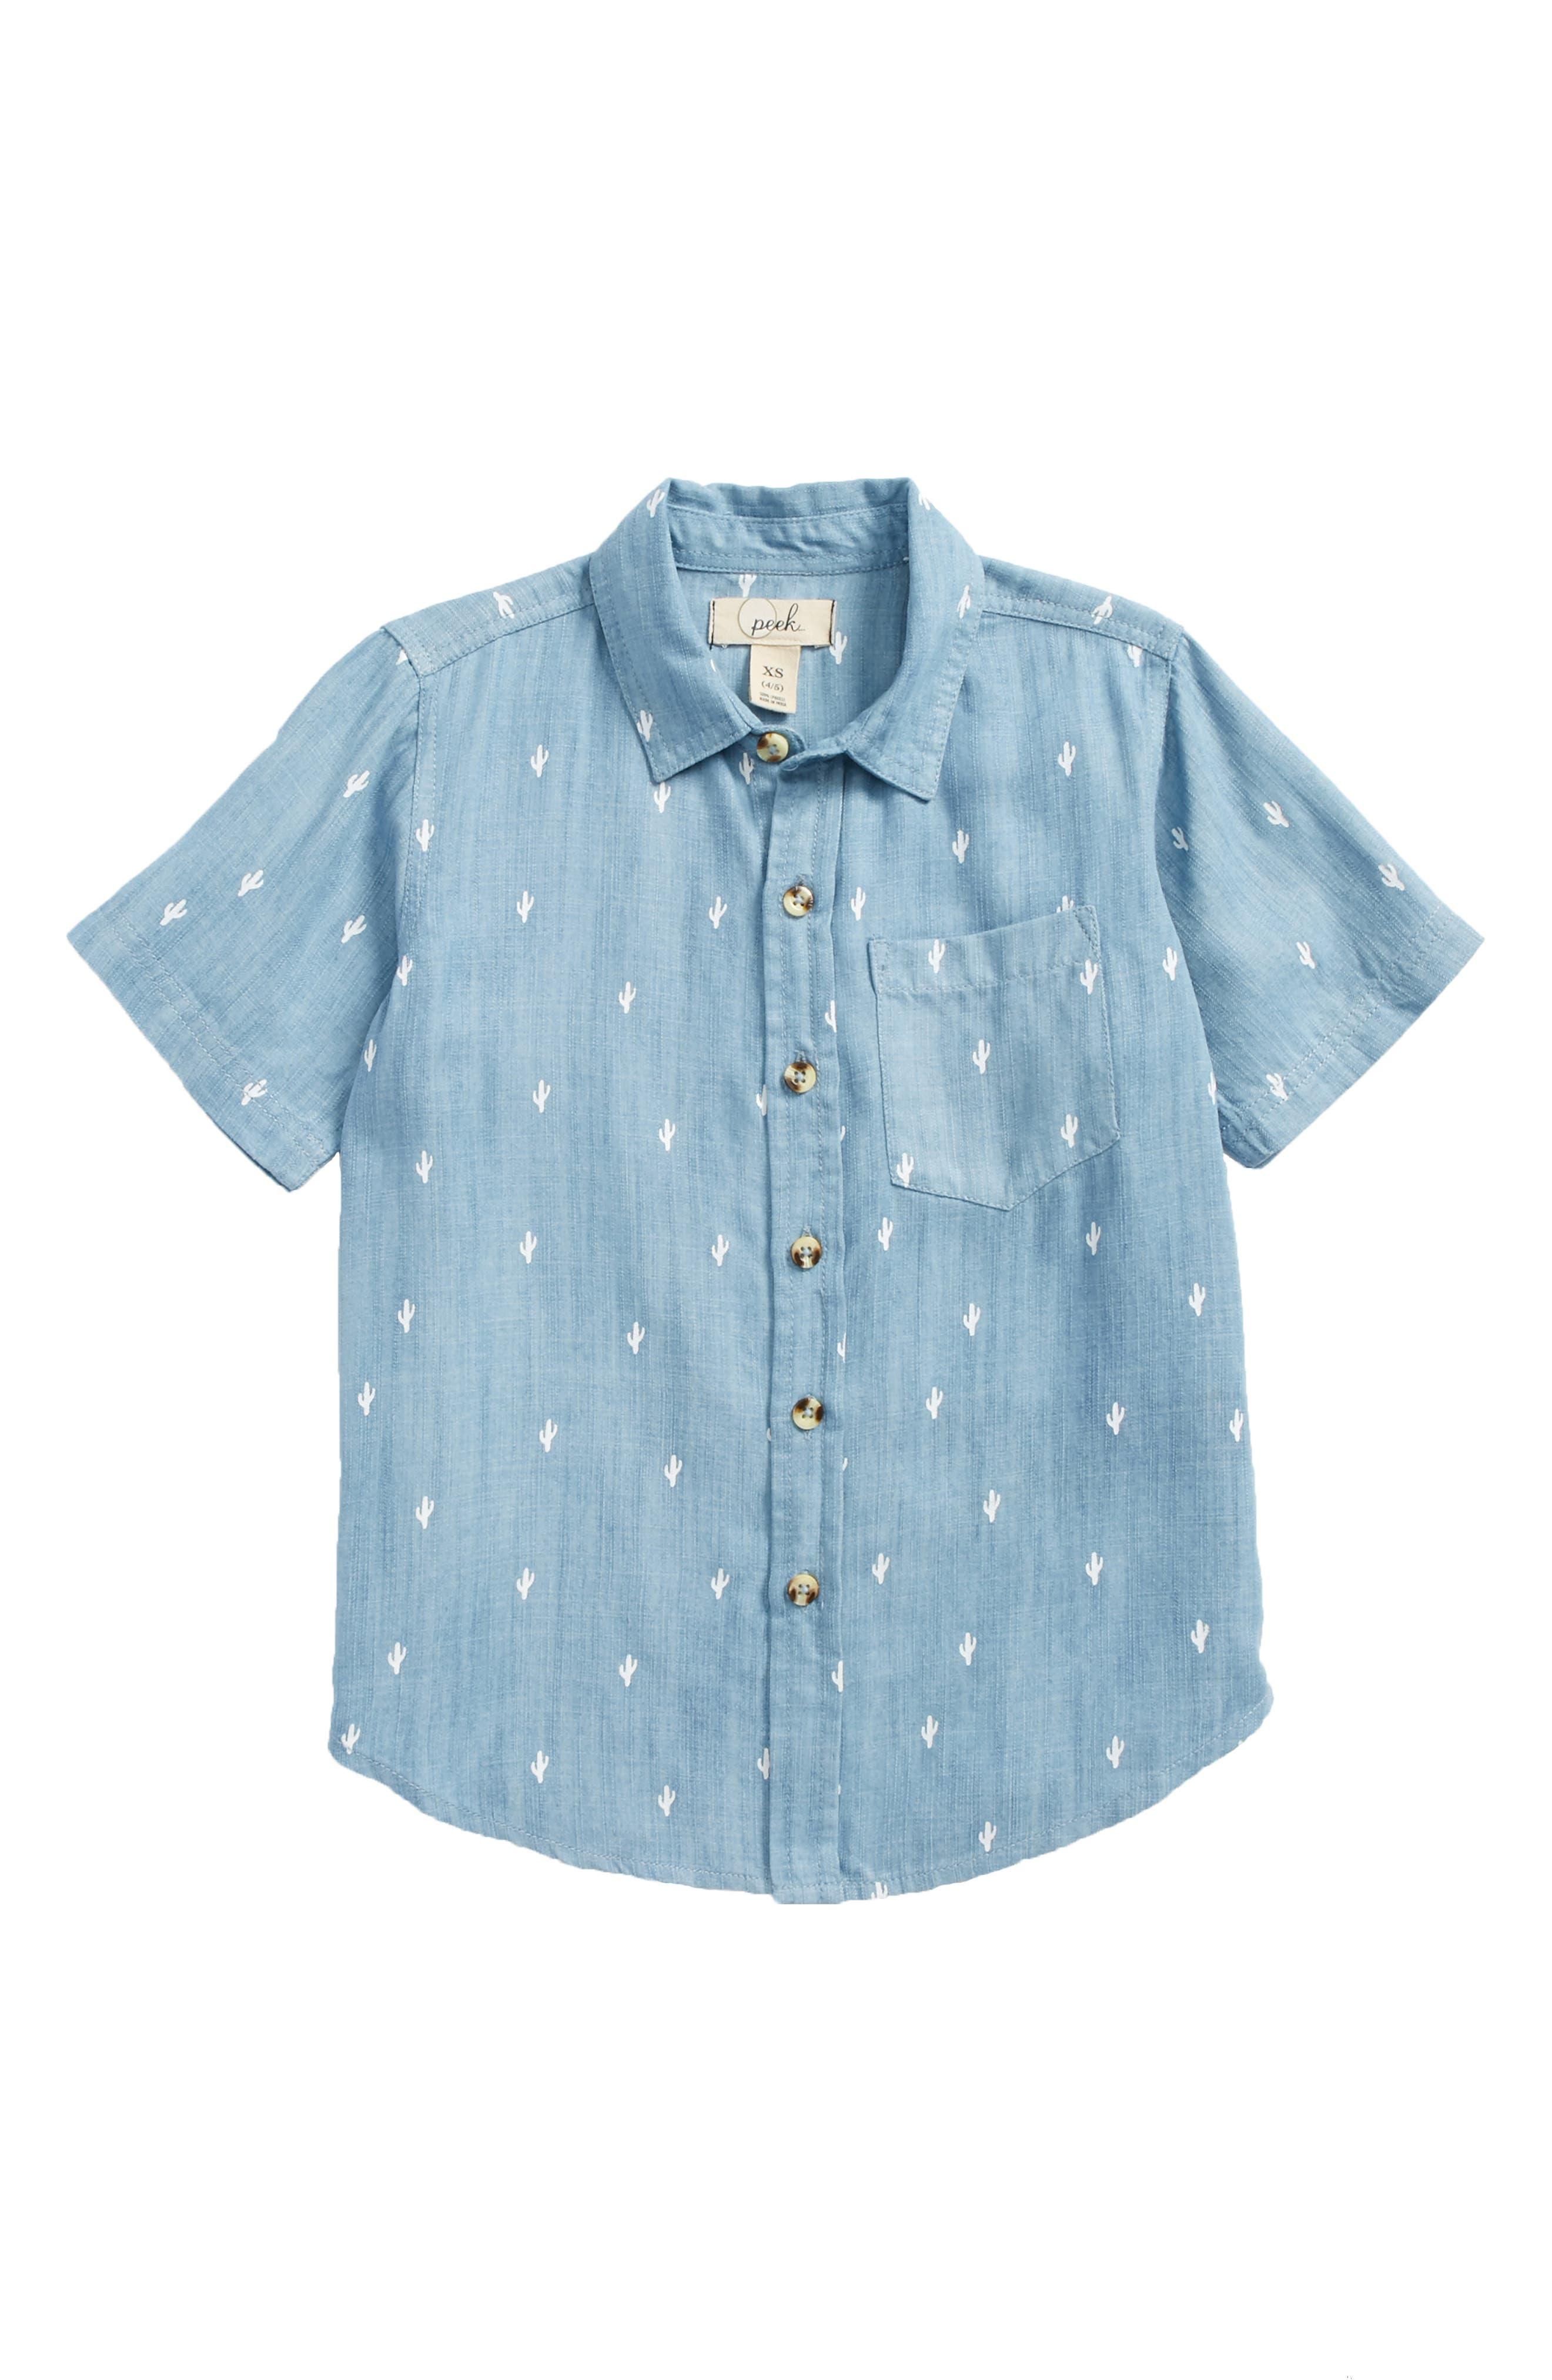 Cactus Woven Shirt,                         Main,                         color, Indigo